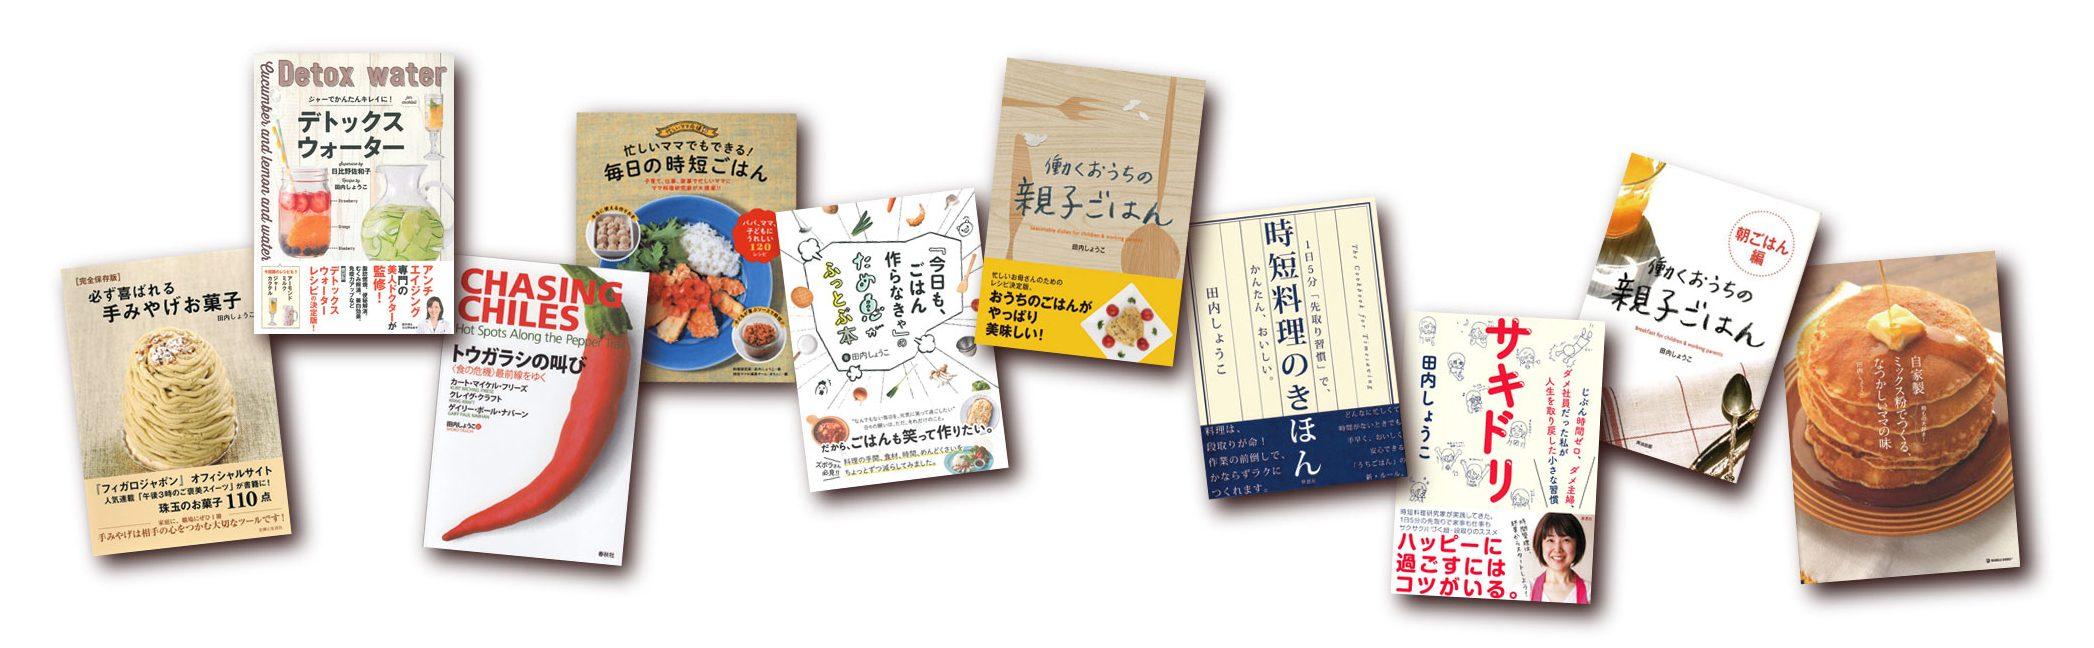 田内しょうこ official site